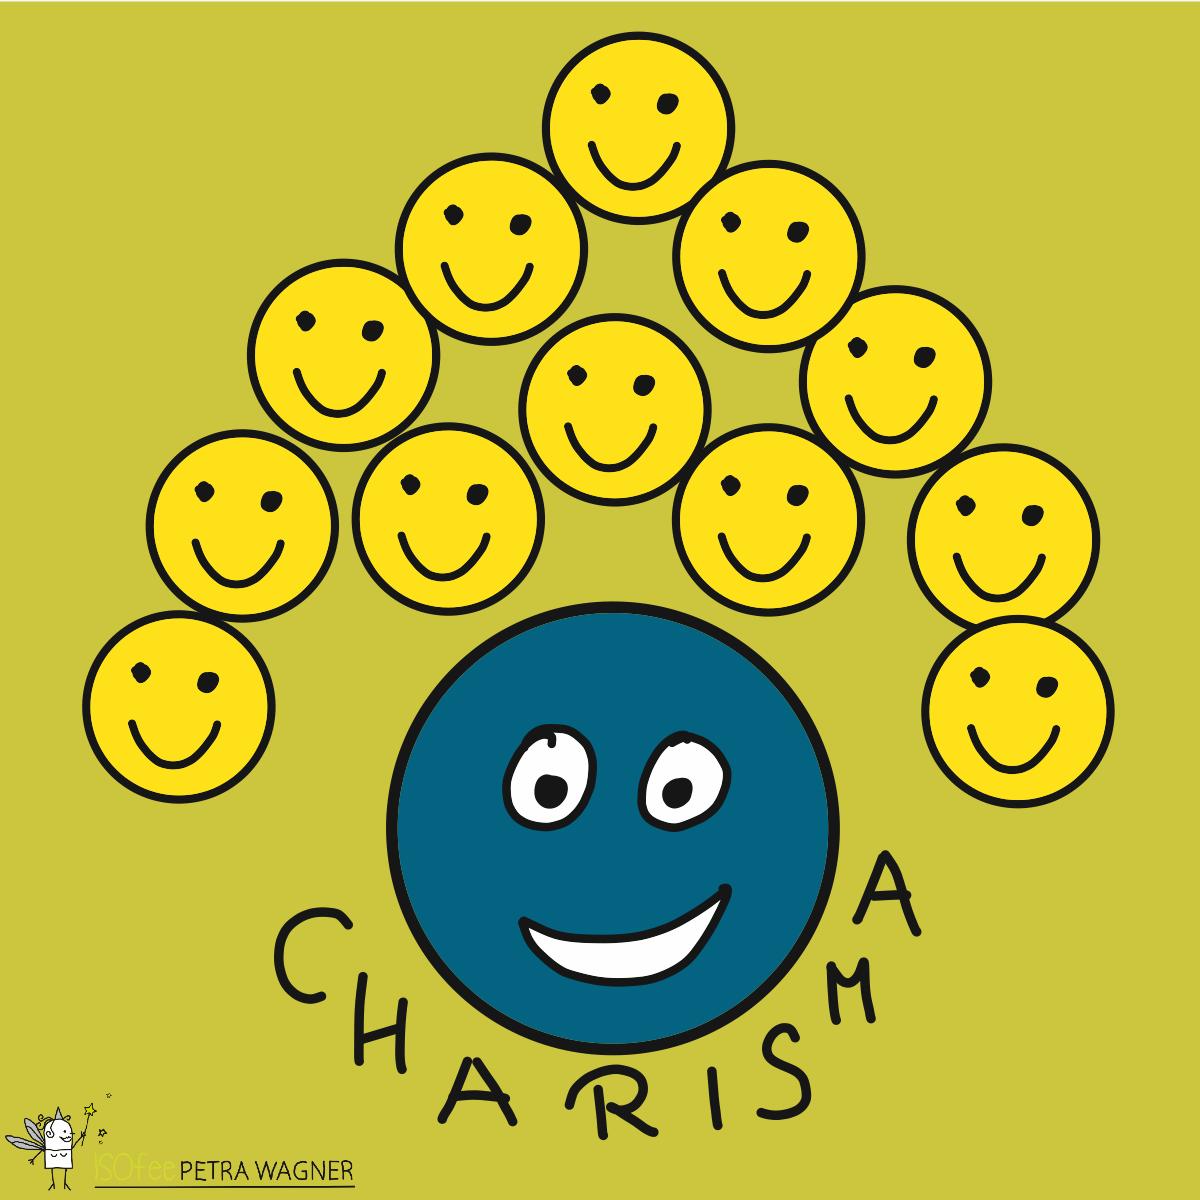 Tradierender Führungsstil - Charisma